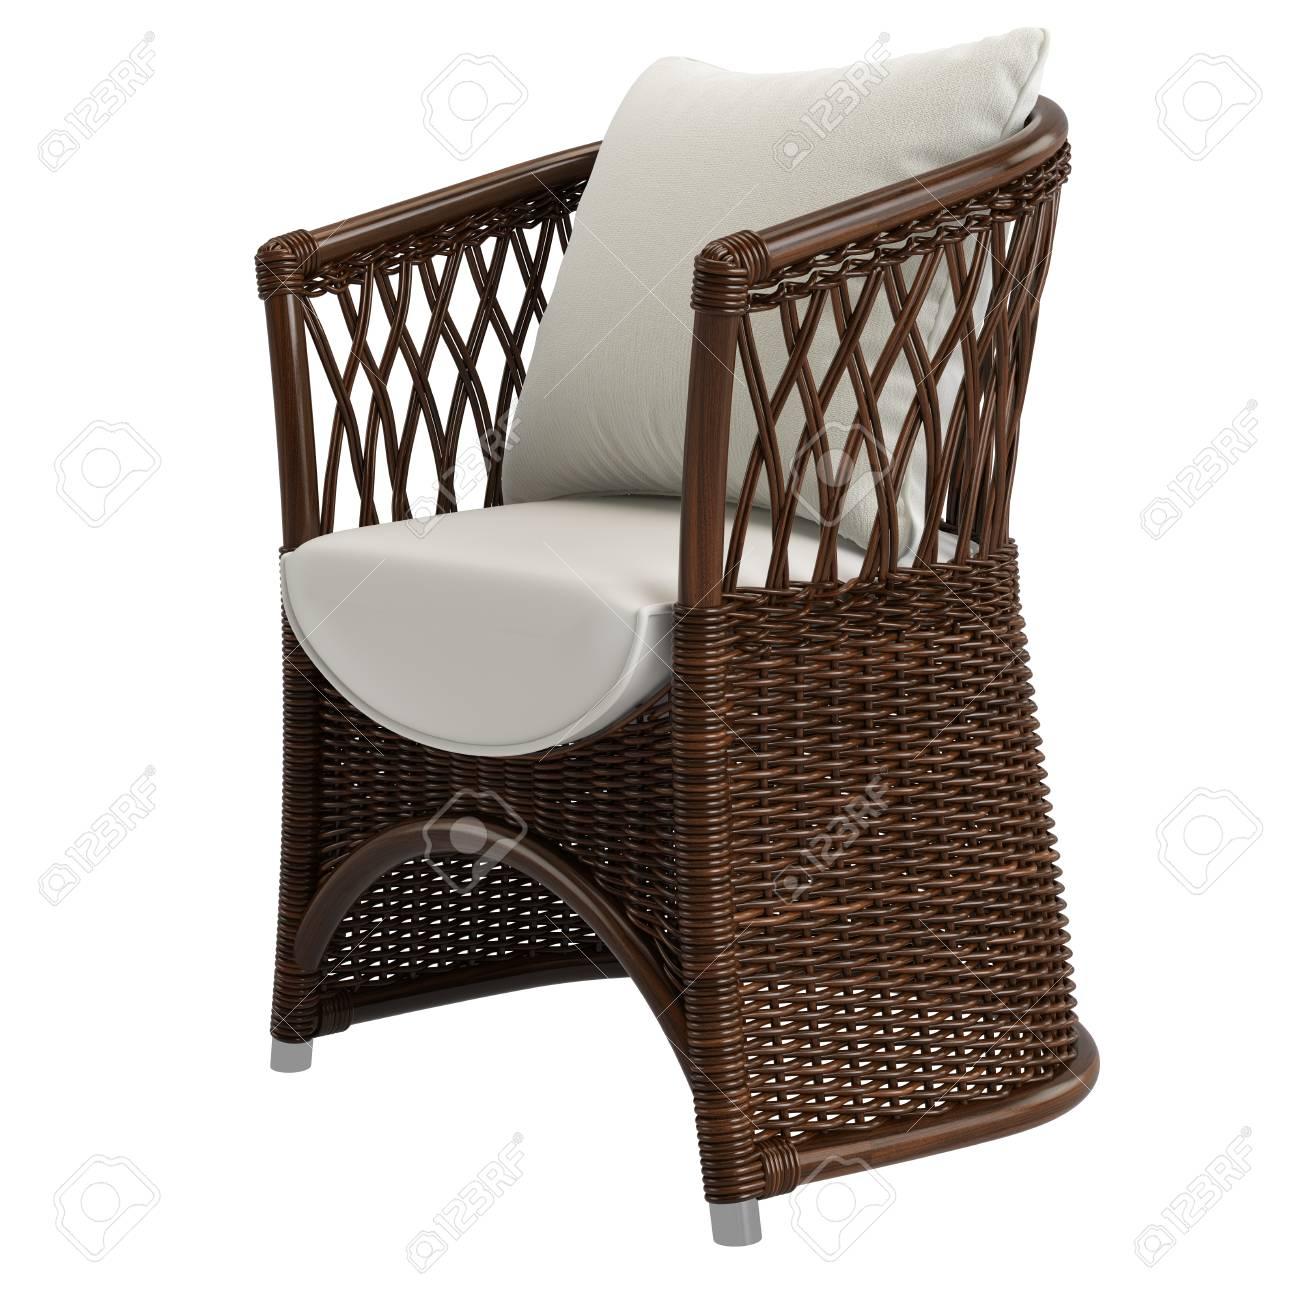 Garden Rattan Wicker Chair On White Background.Digital Illustration.3d  Rendering Stock Illustration